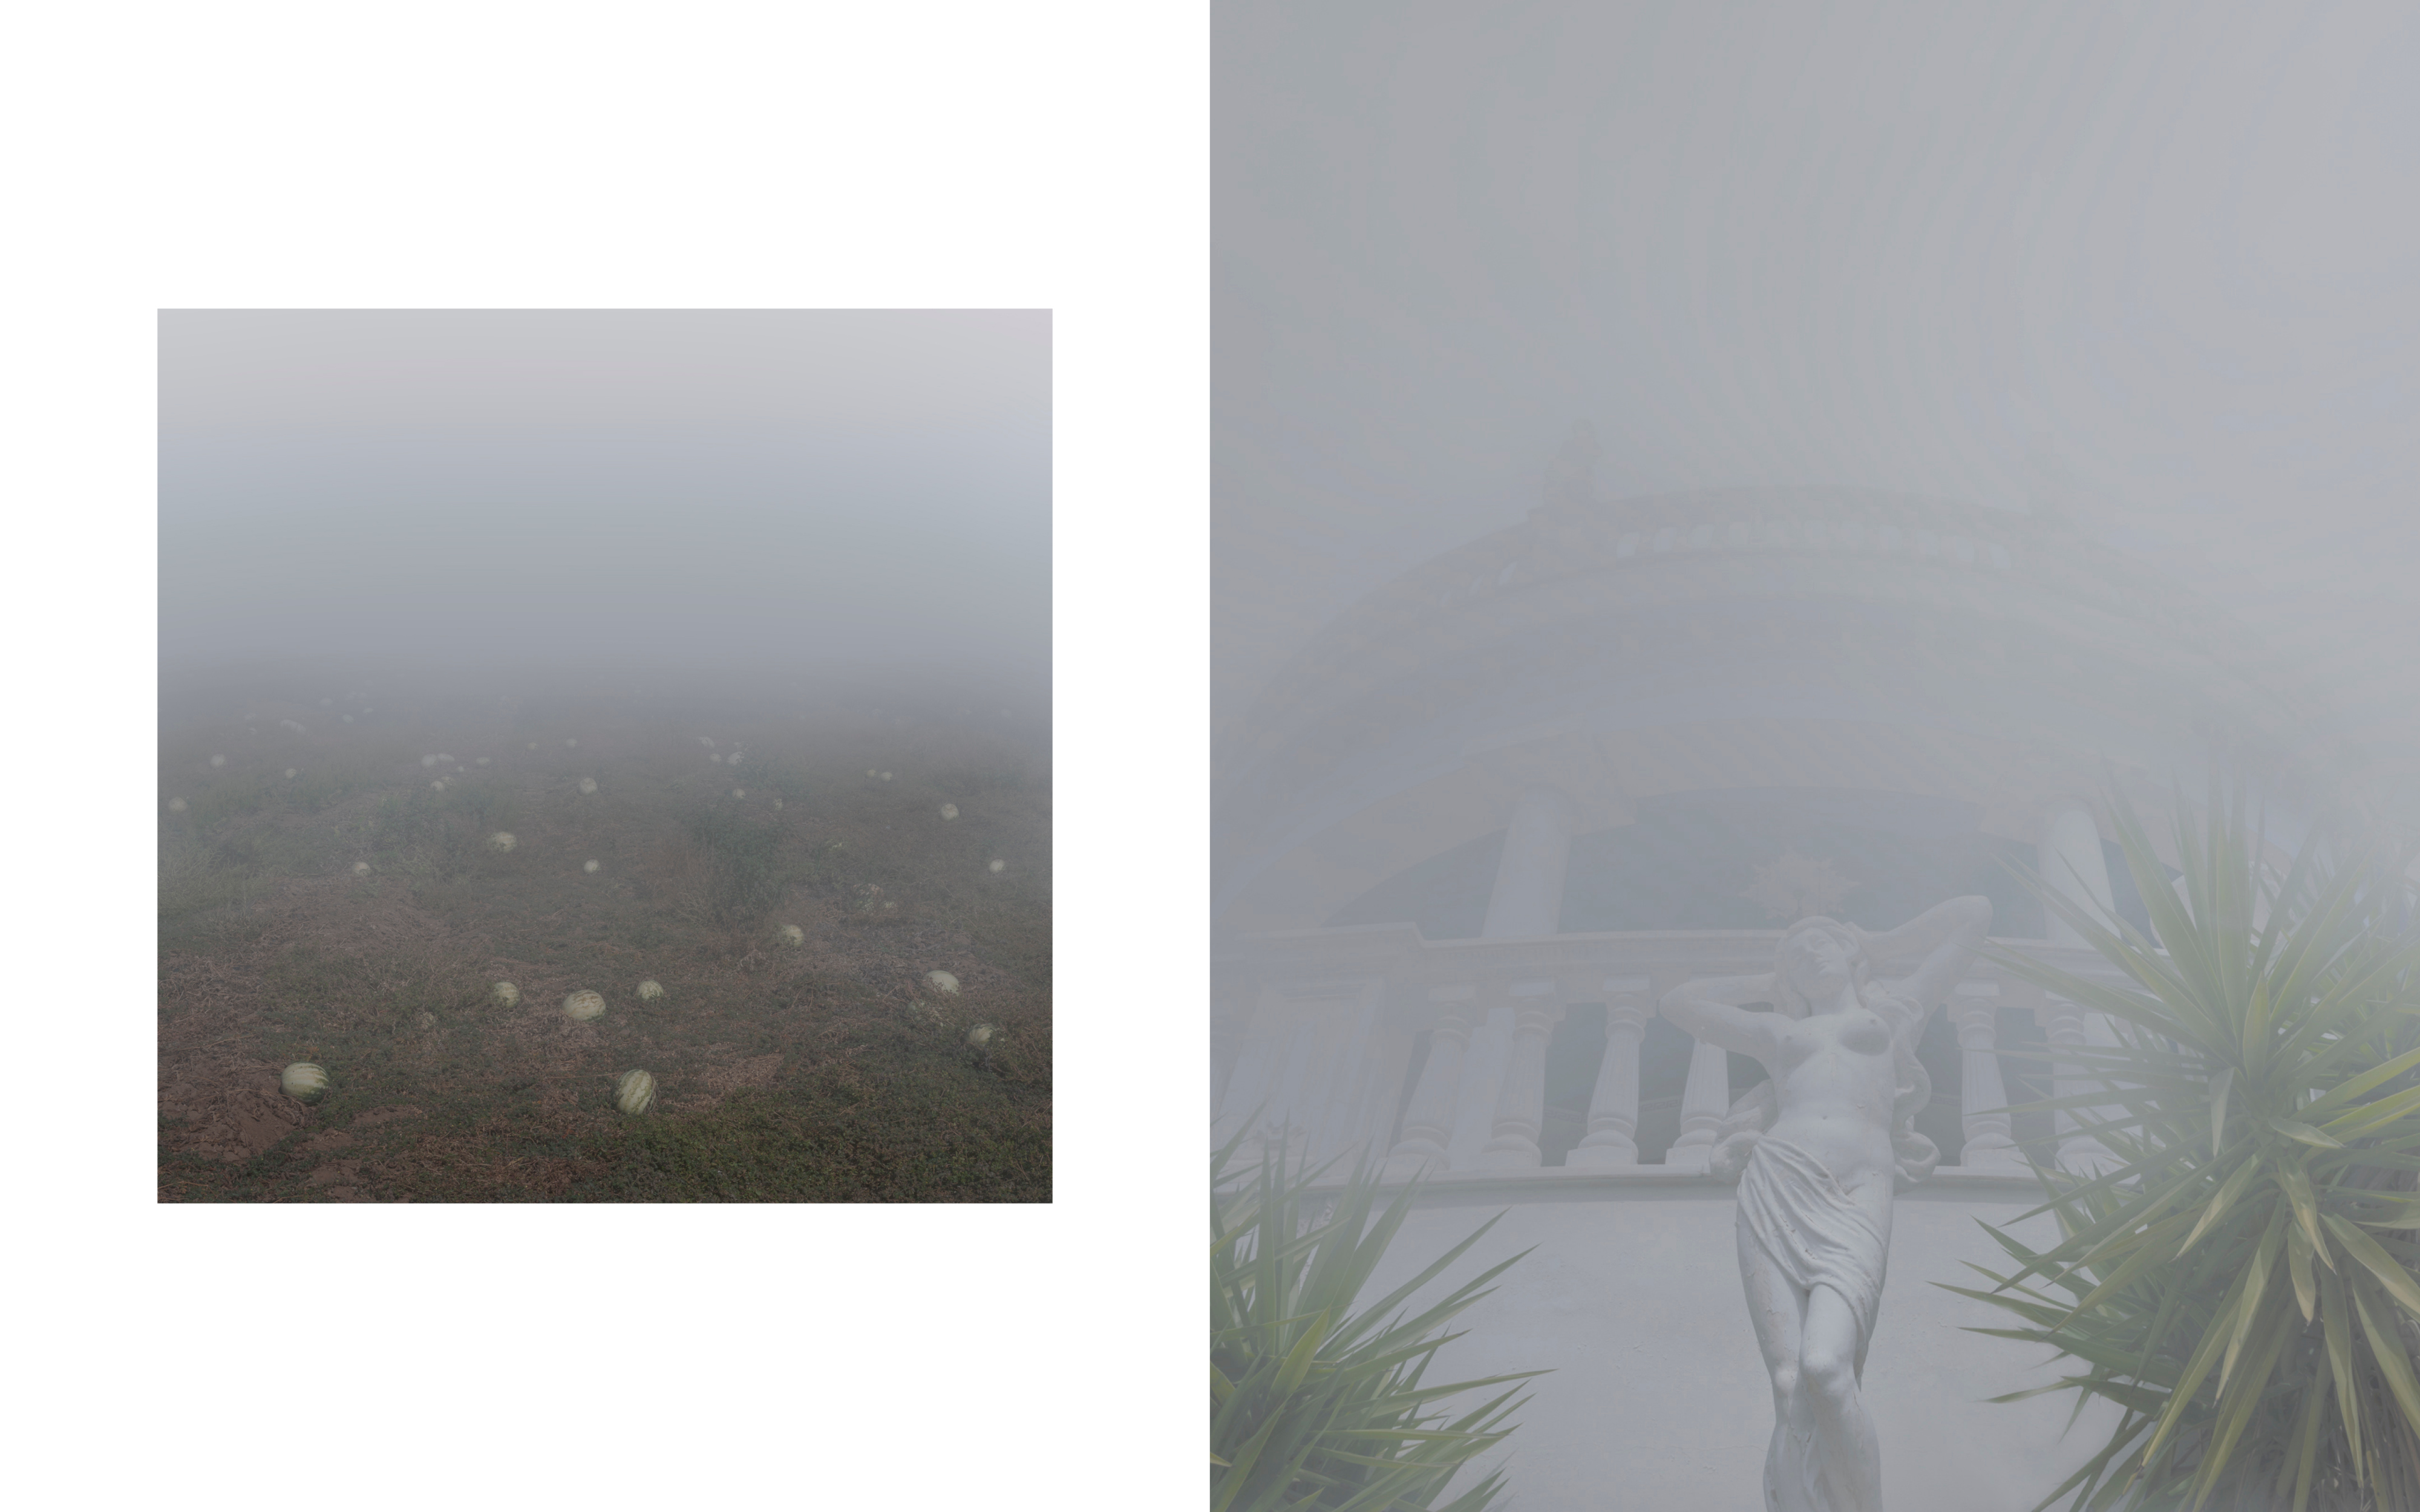 #WeeklyDiscovery: Maria Mavropoulou, la niebla es un estado mental